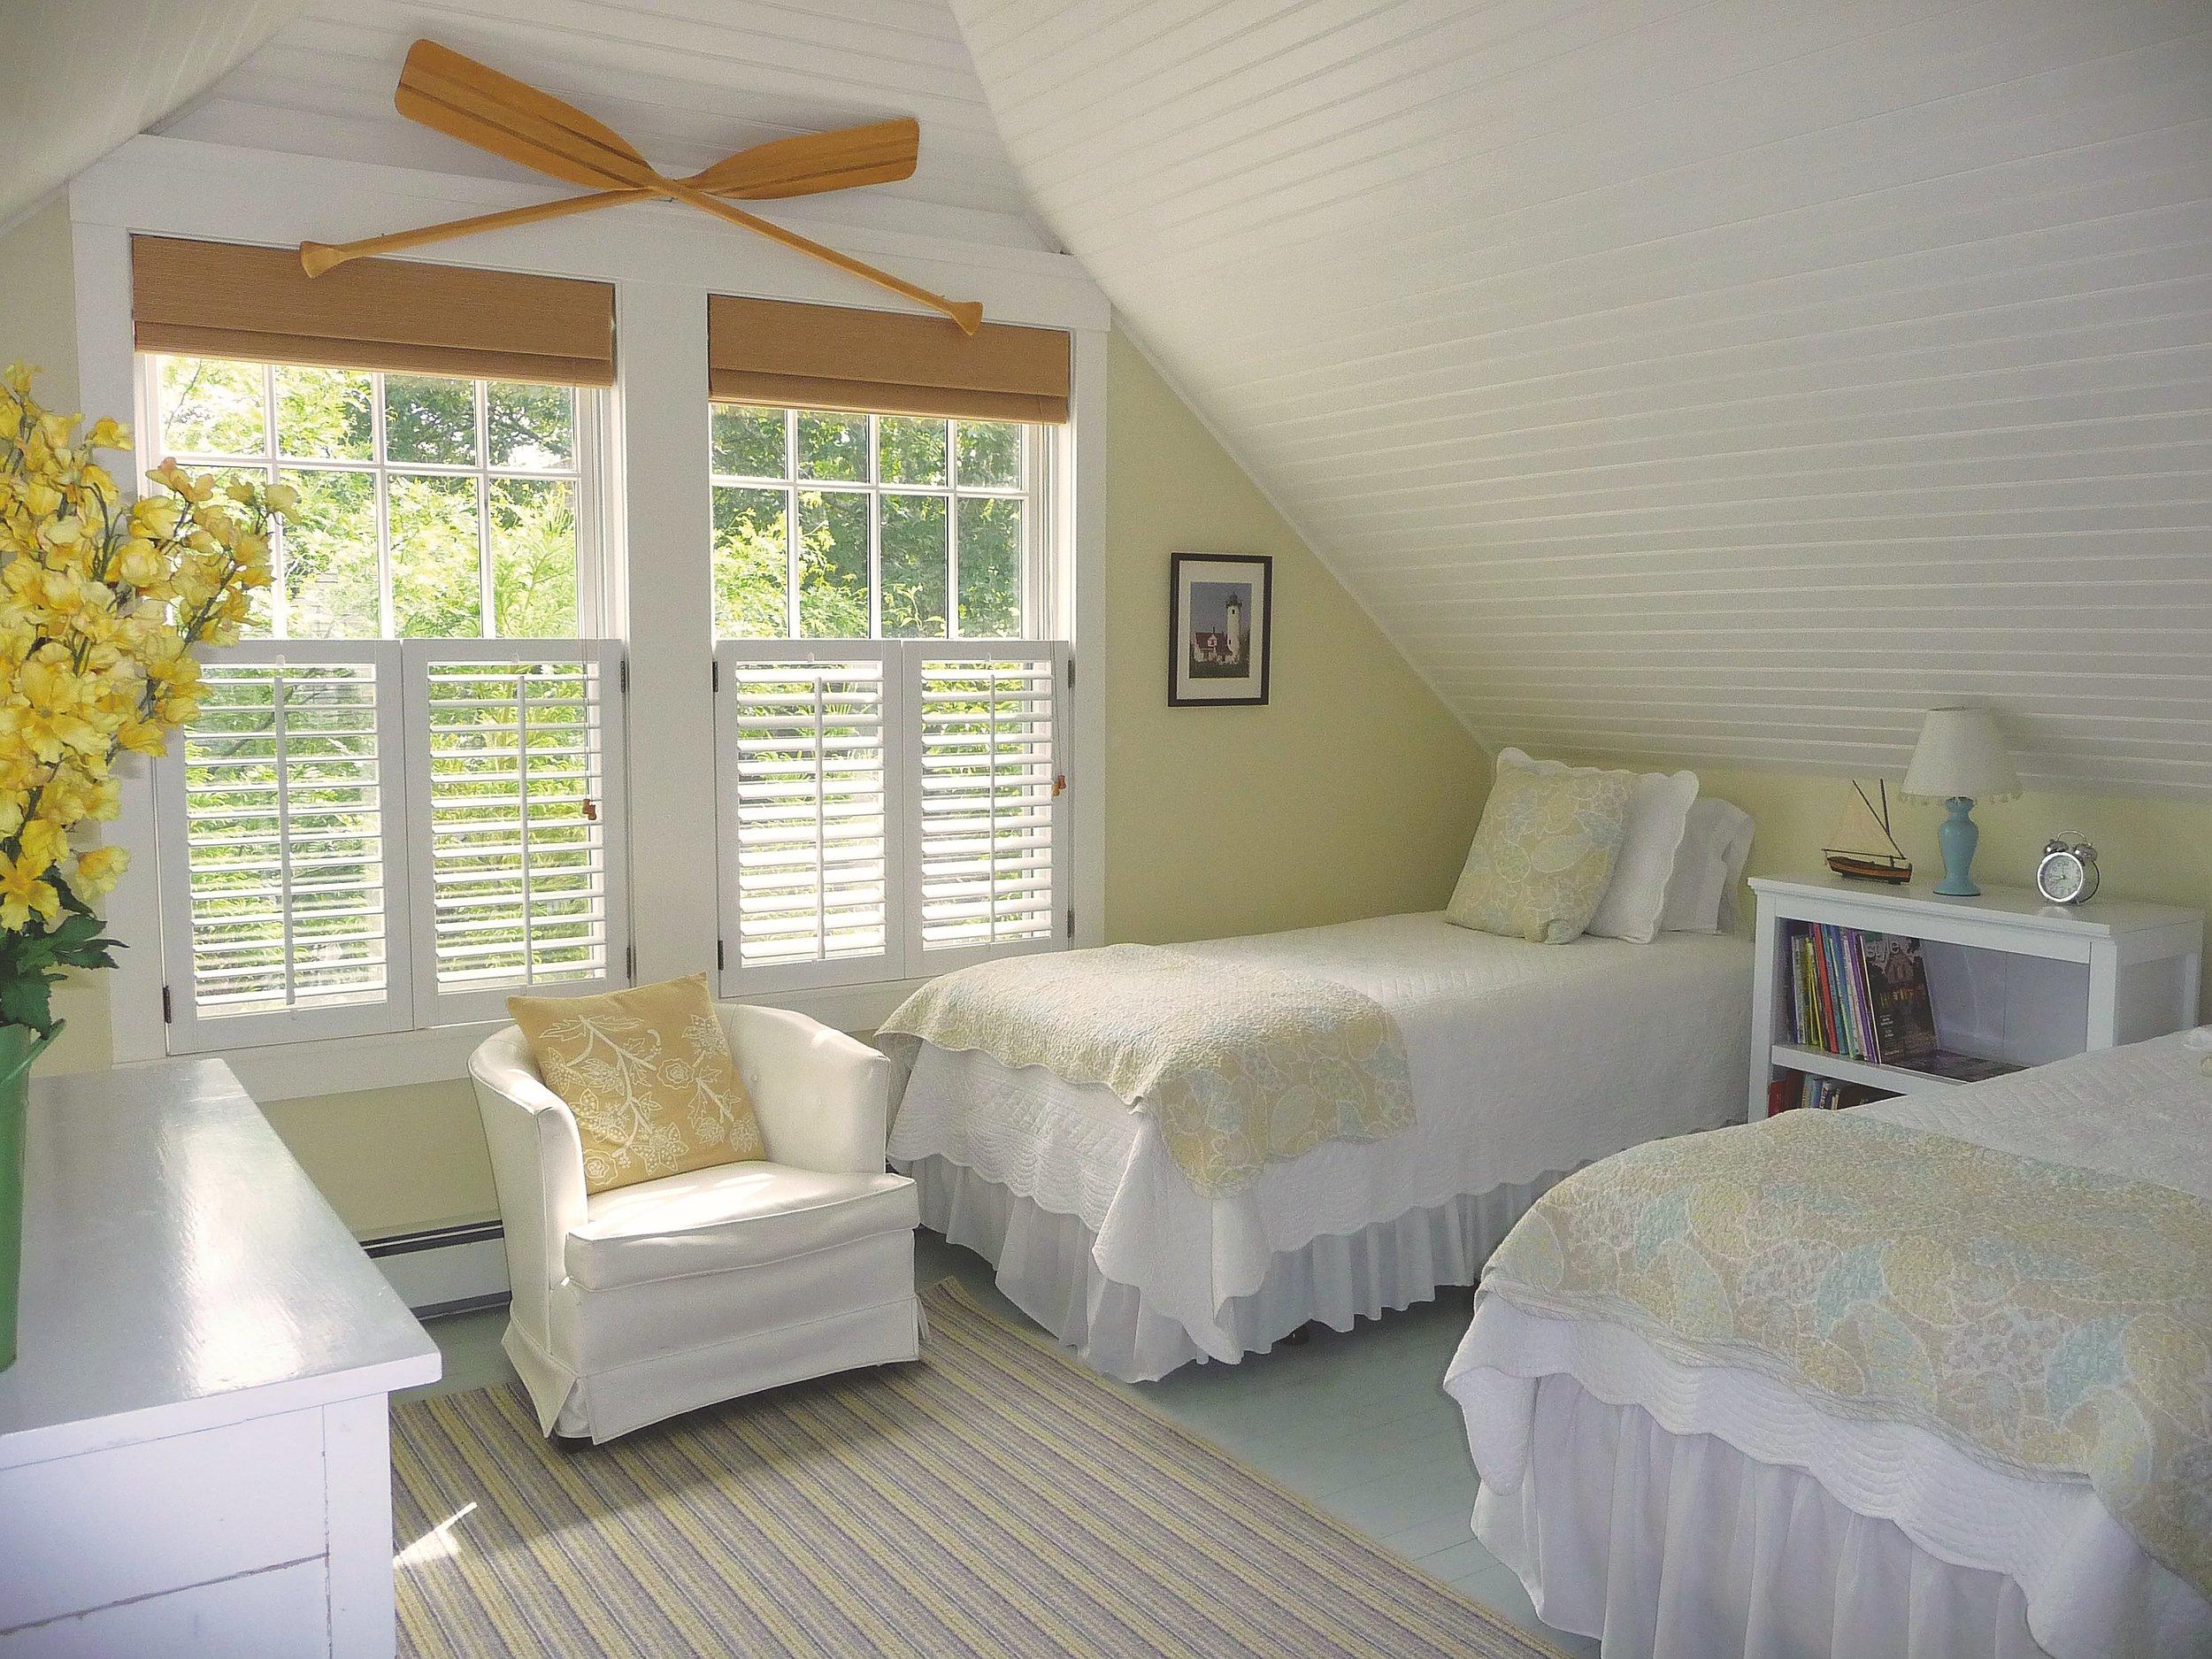 Boathouse_Bedroom_Beadboard_Ceiling_Oars.jpg